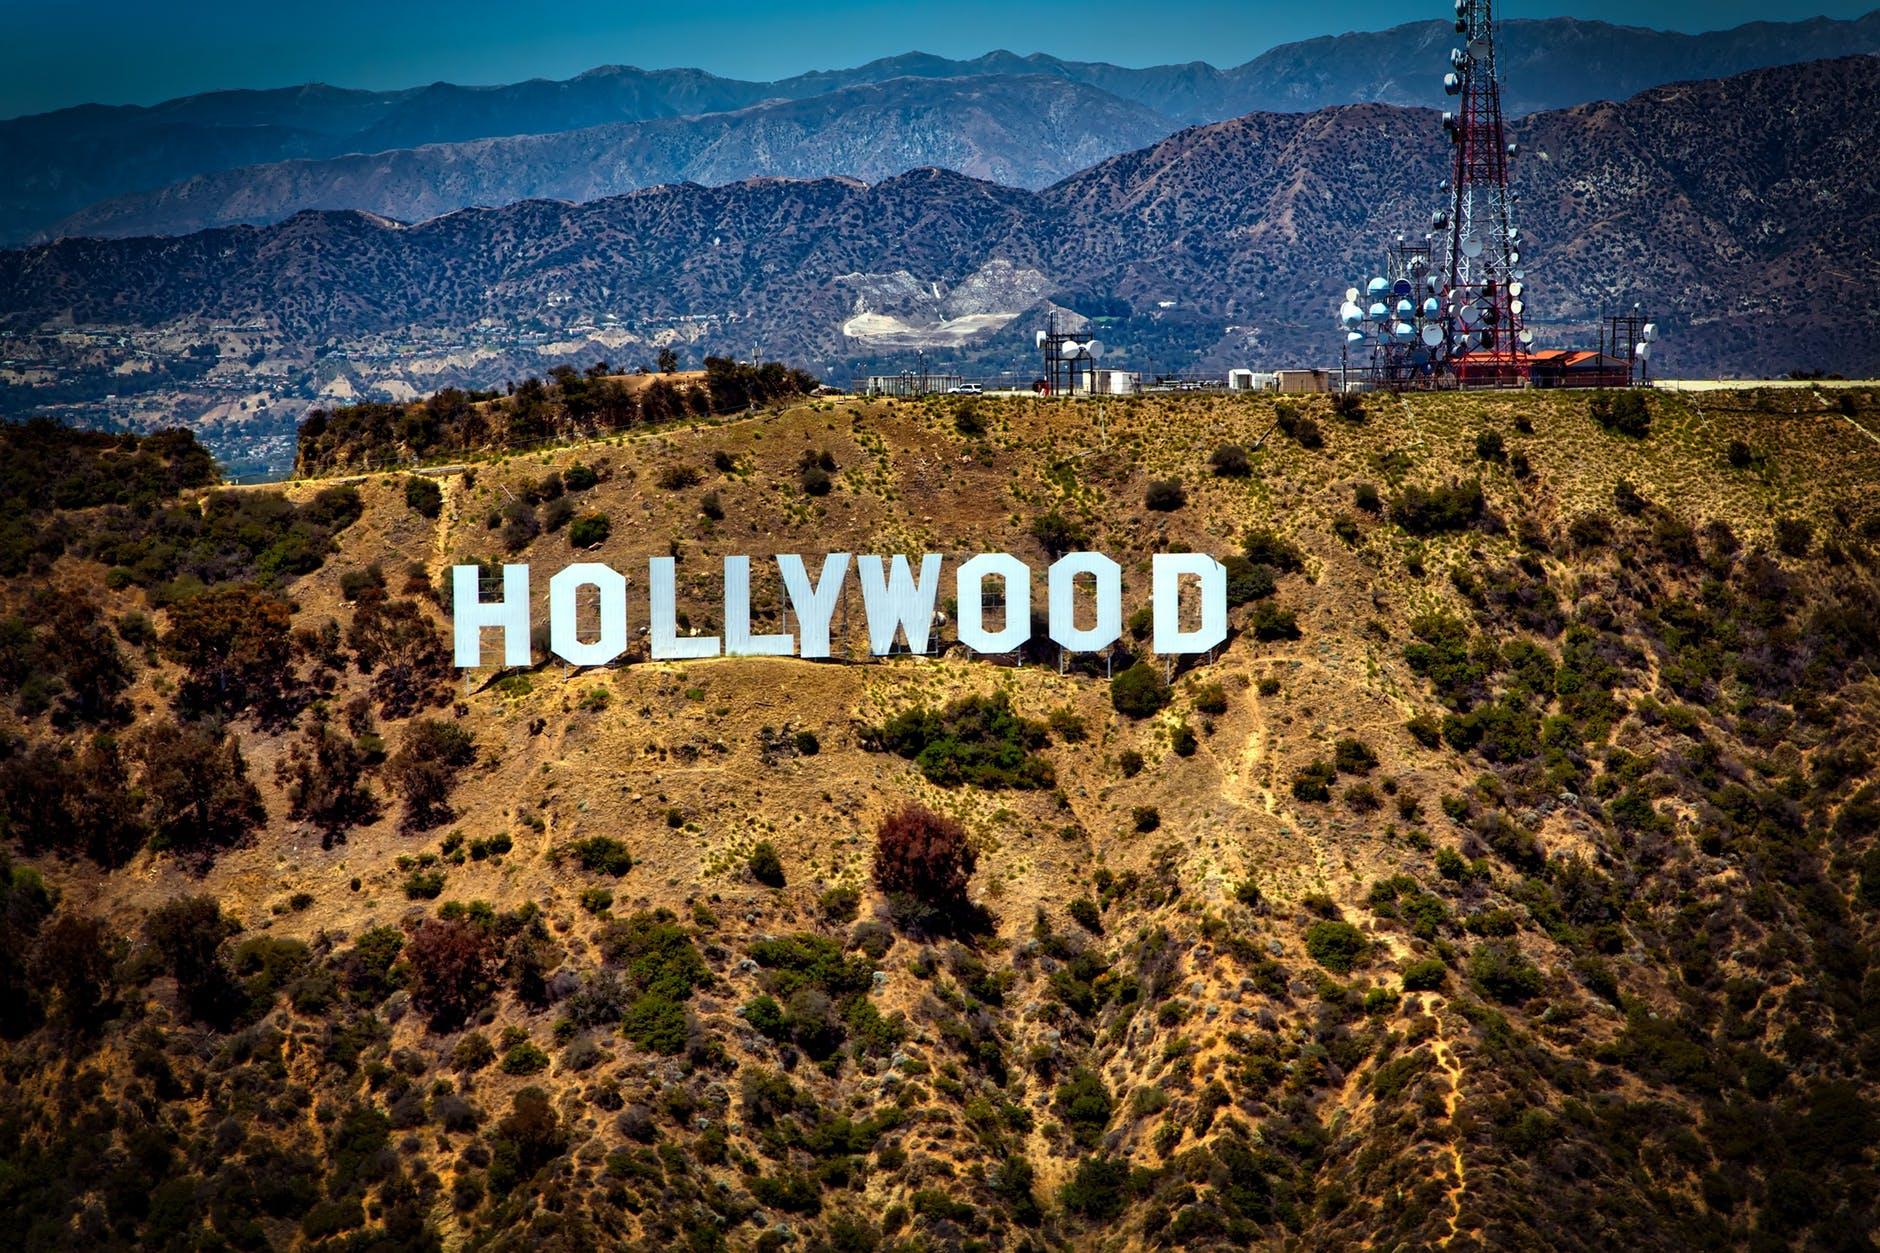 Hollywoodskylten är en samtida kulturikon